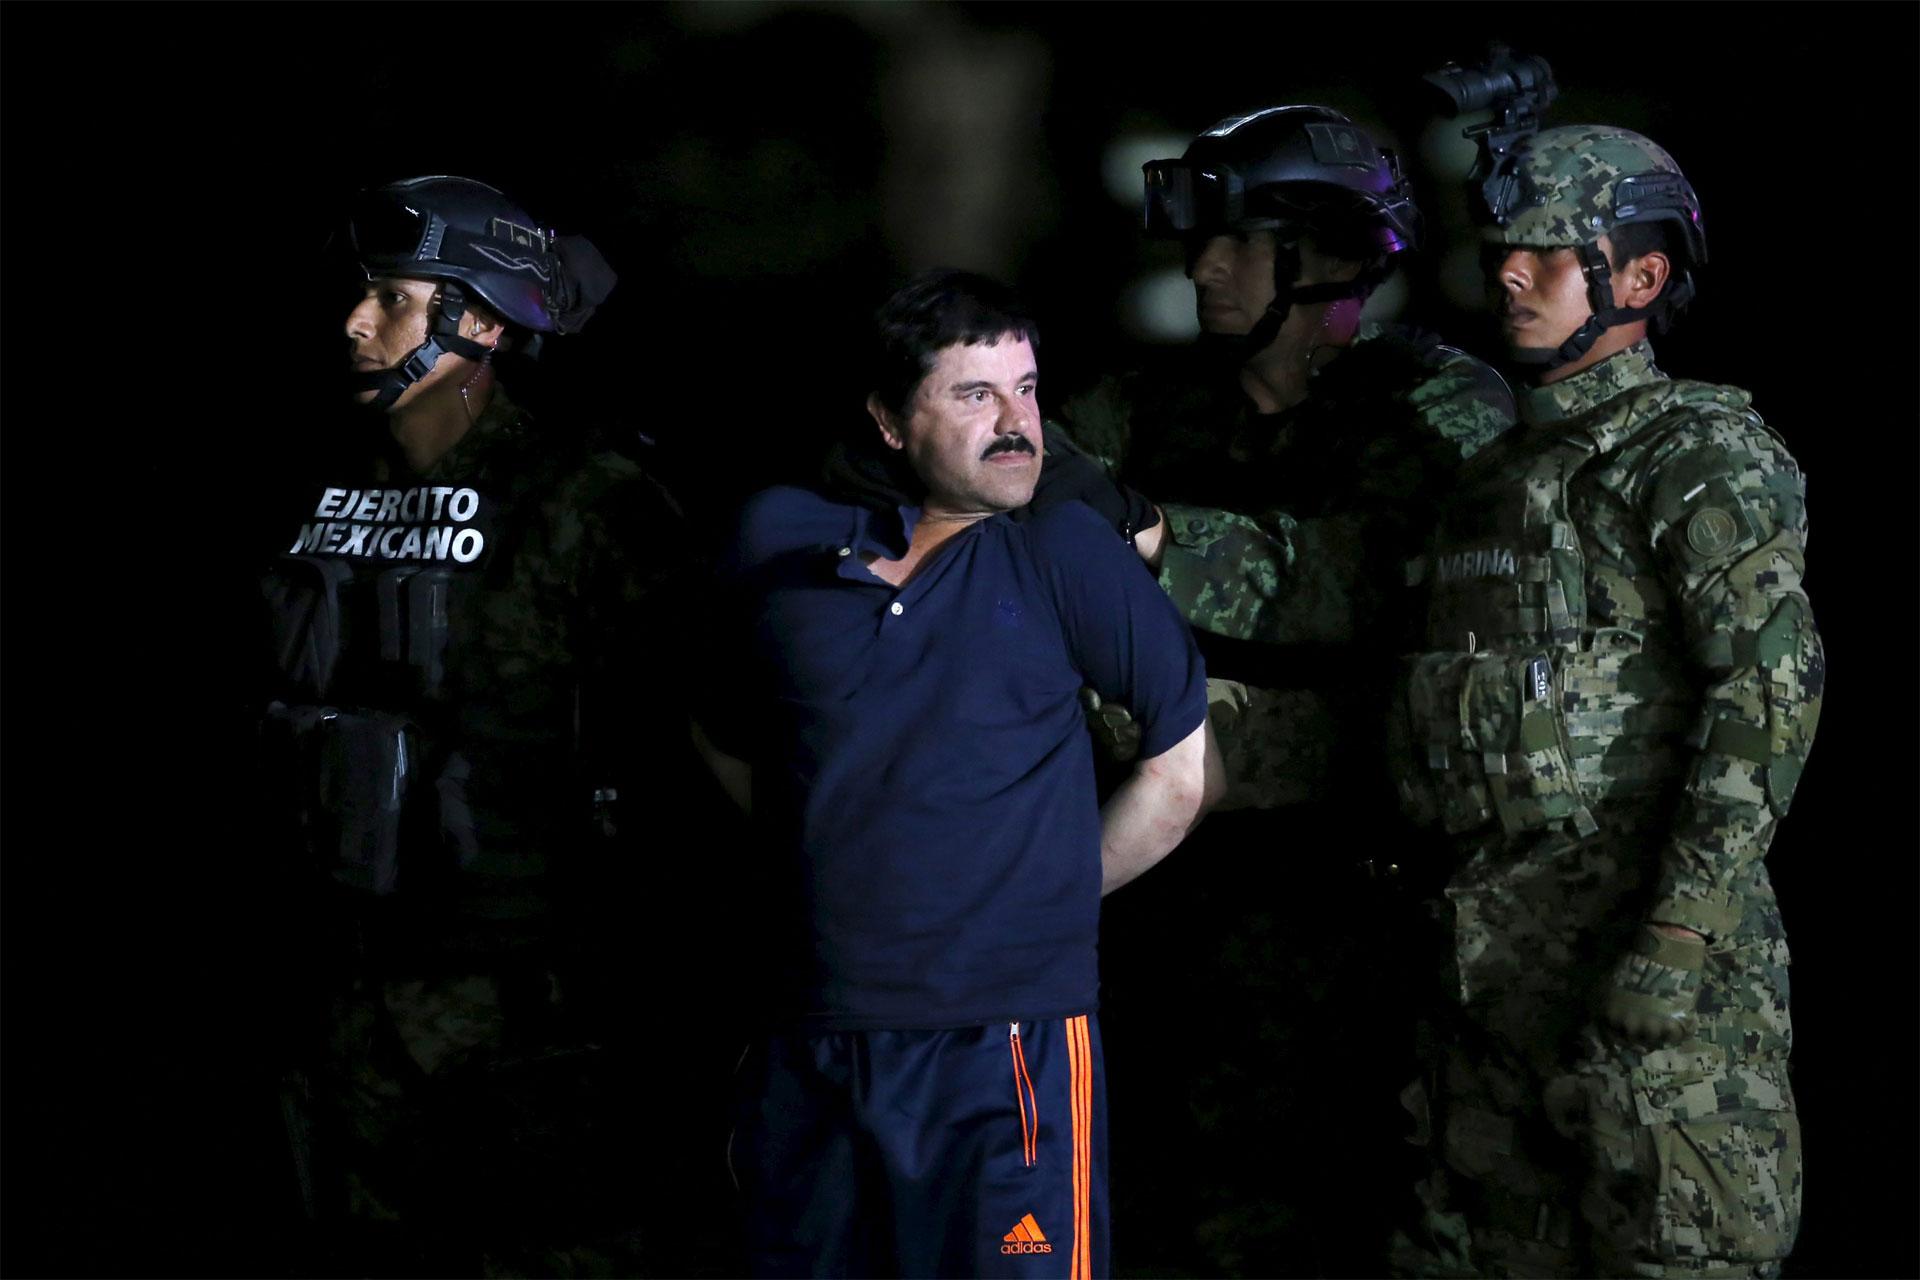 El diario Milenio publicó parte de la conversación que el narcotraficante y la actriz tuvieron por teléfono